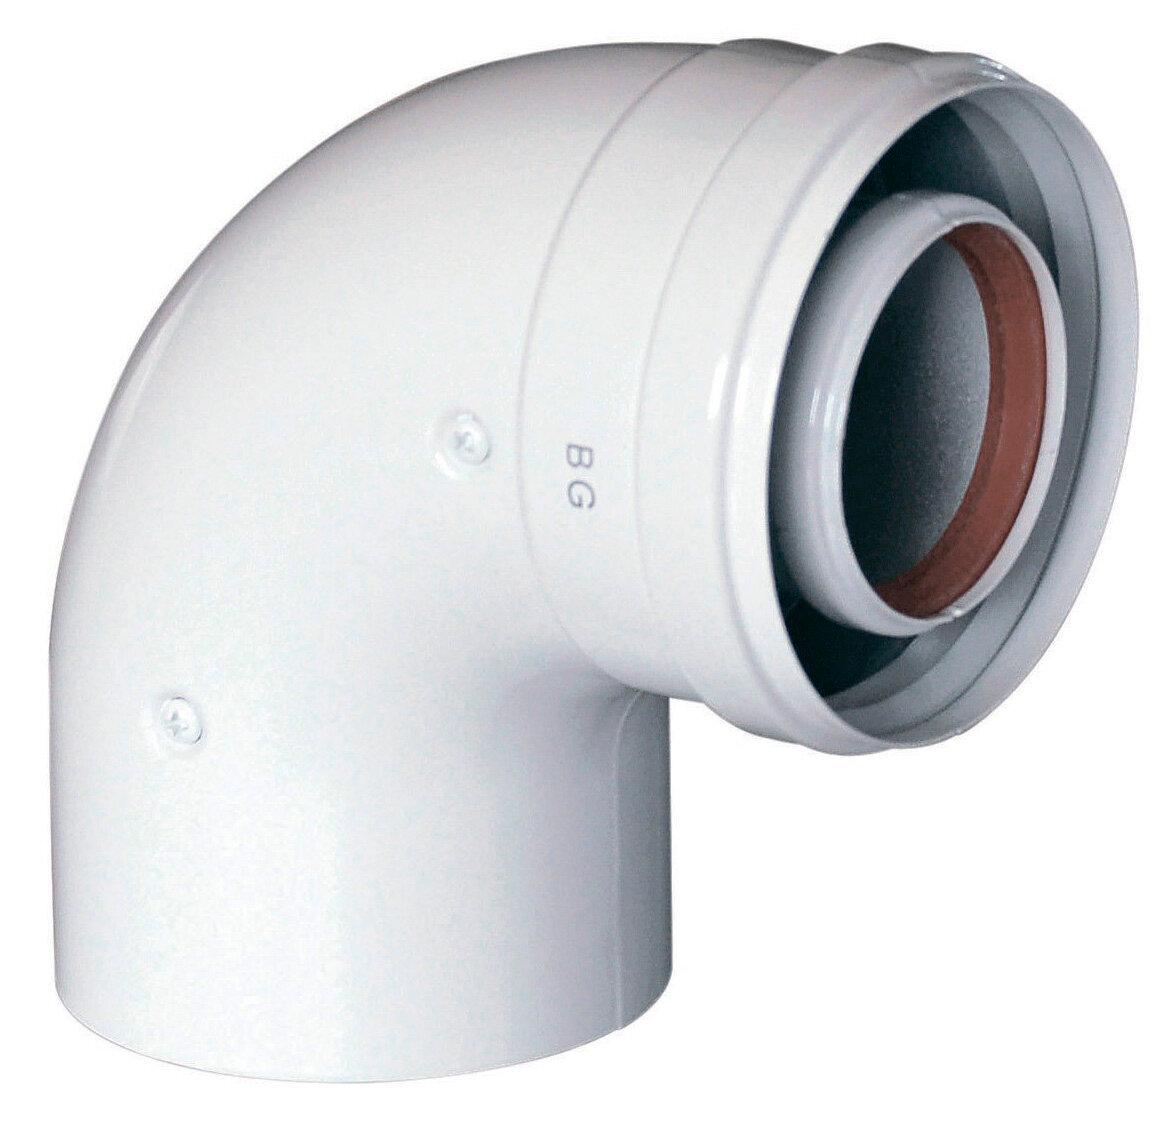 Коаксиальный отвод Baxi 90 , диам. 60/100 мм, без муфты(арт. KHG71410151)